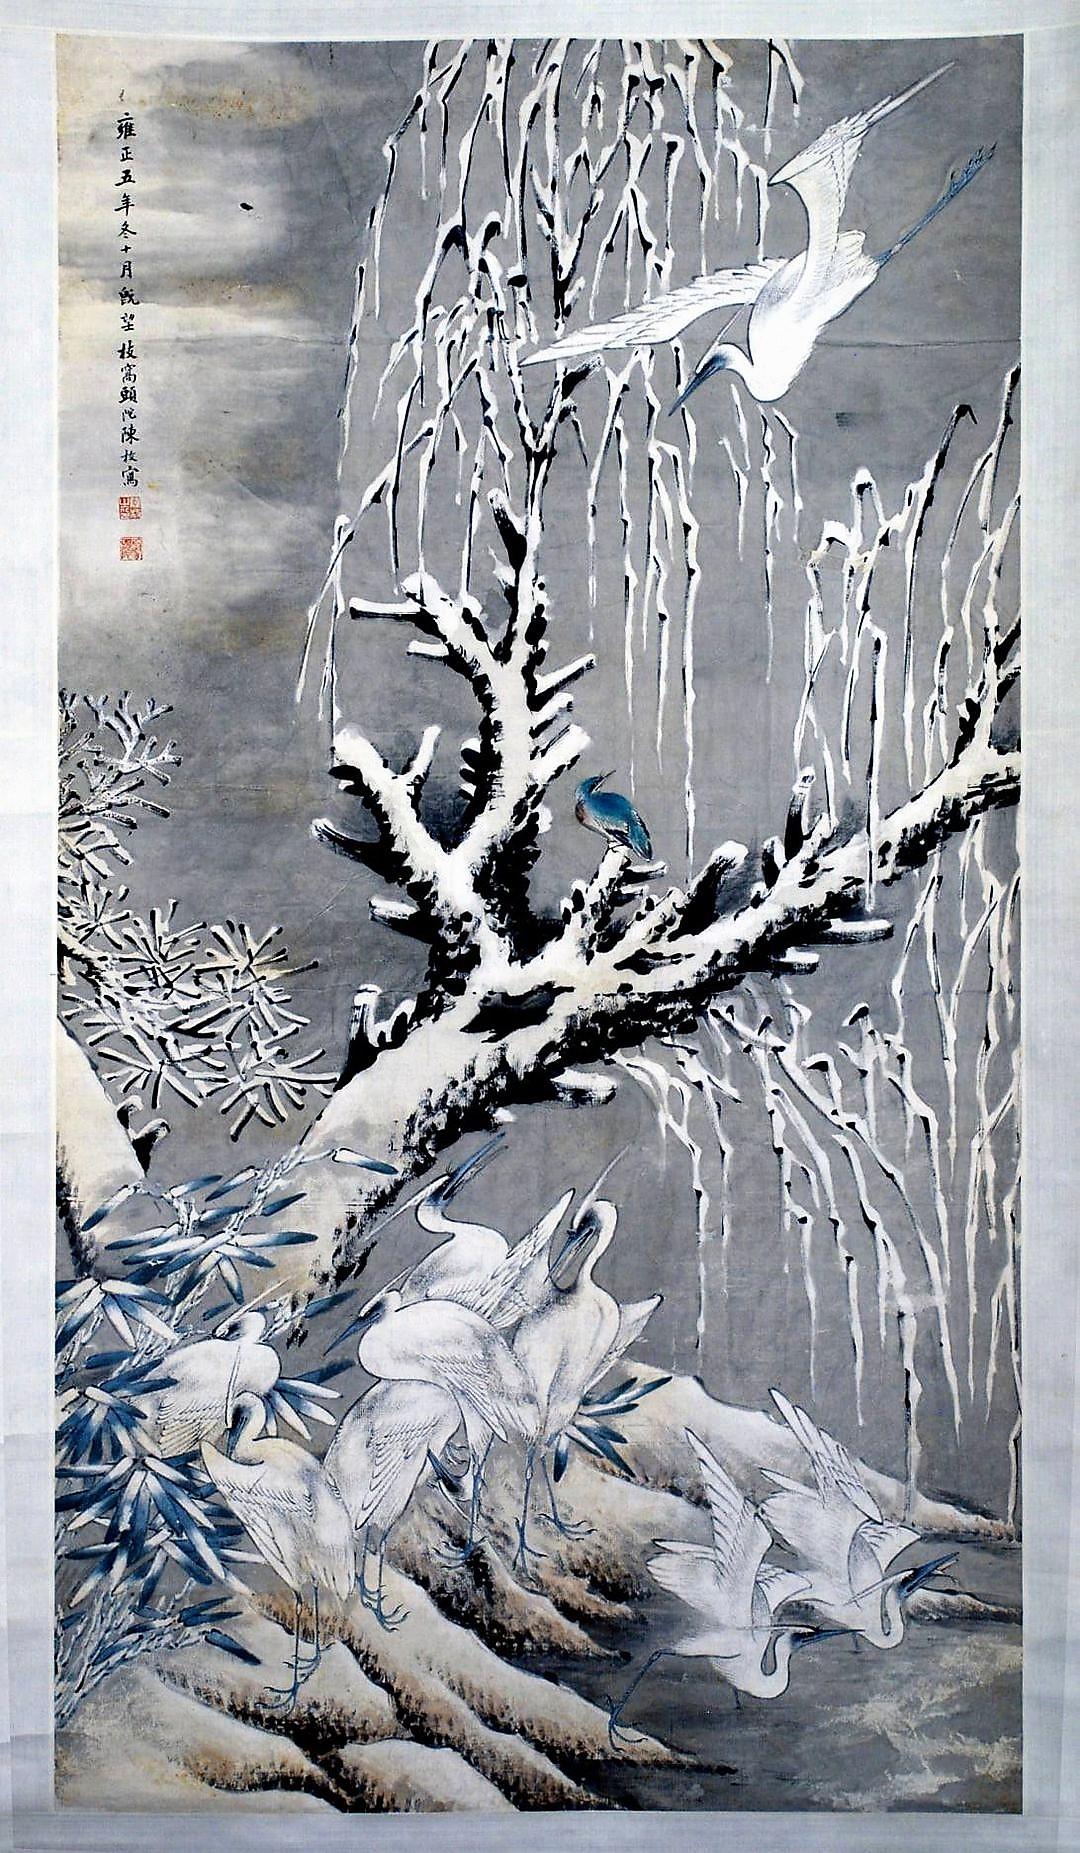 Хохлатые цапли на снегу.  Художник 19 в. (?) Китай. Бумага, тушь, водорастворимые краски